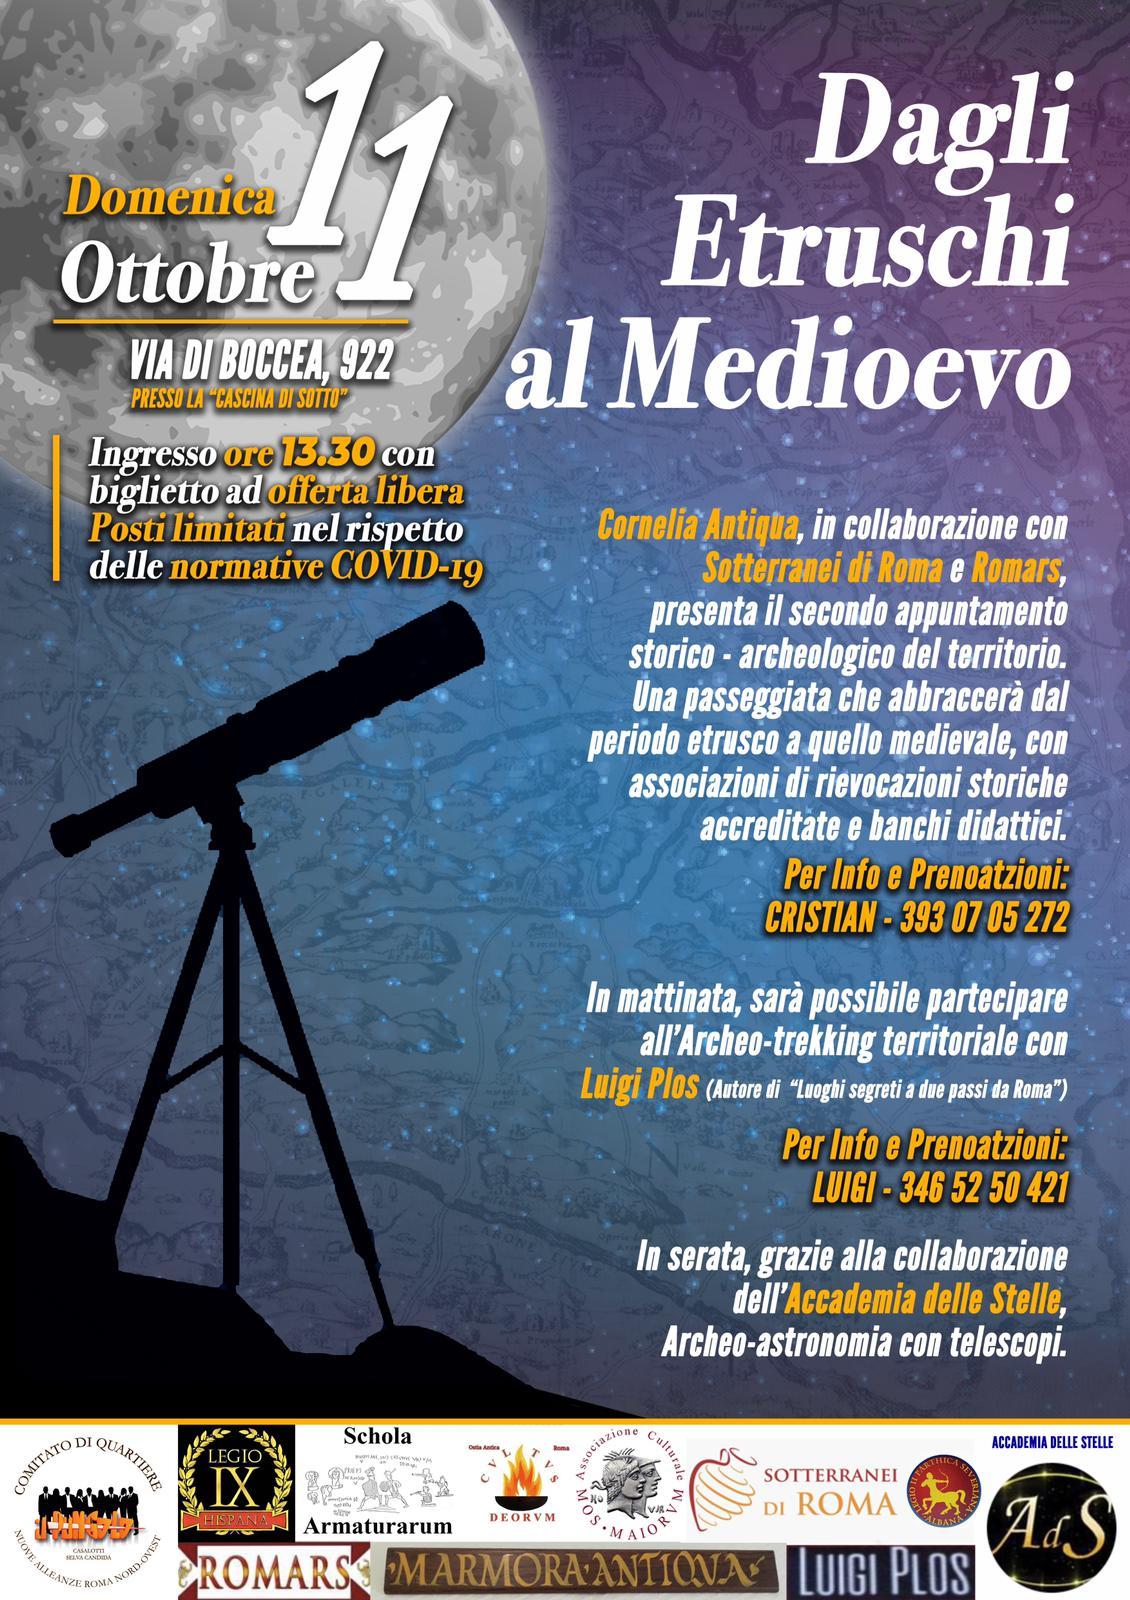 Etruschi-Medioevo-Boccea-11ott